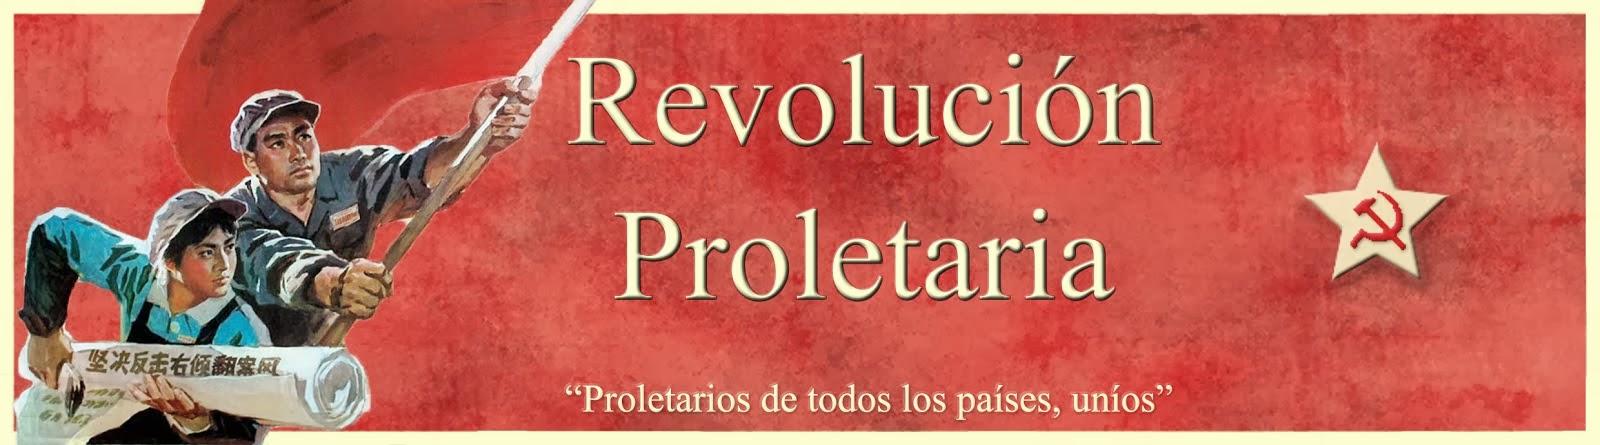 La revolución que nunca ocurrió